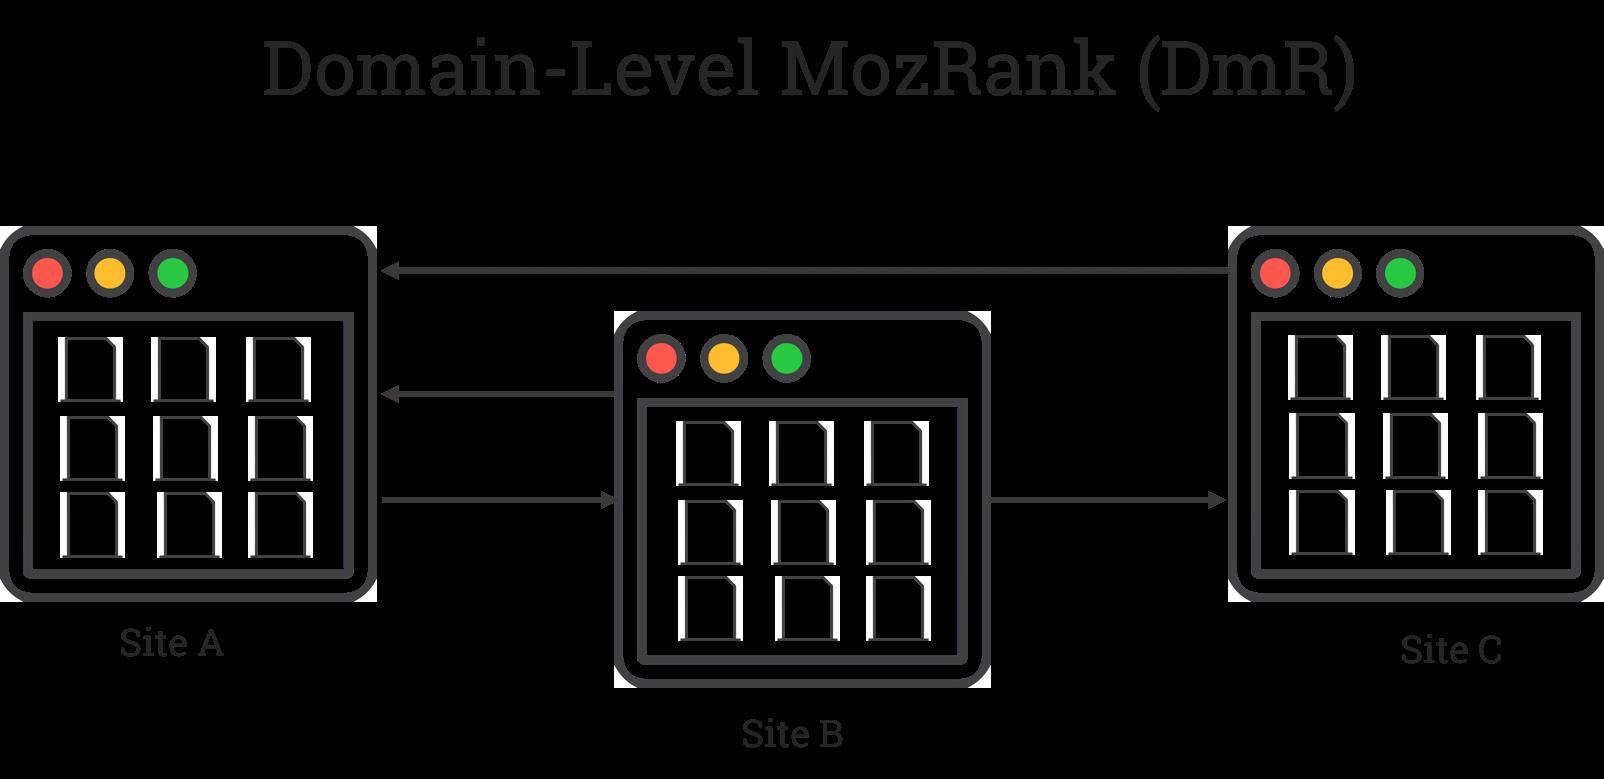 Domain-level MozRank